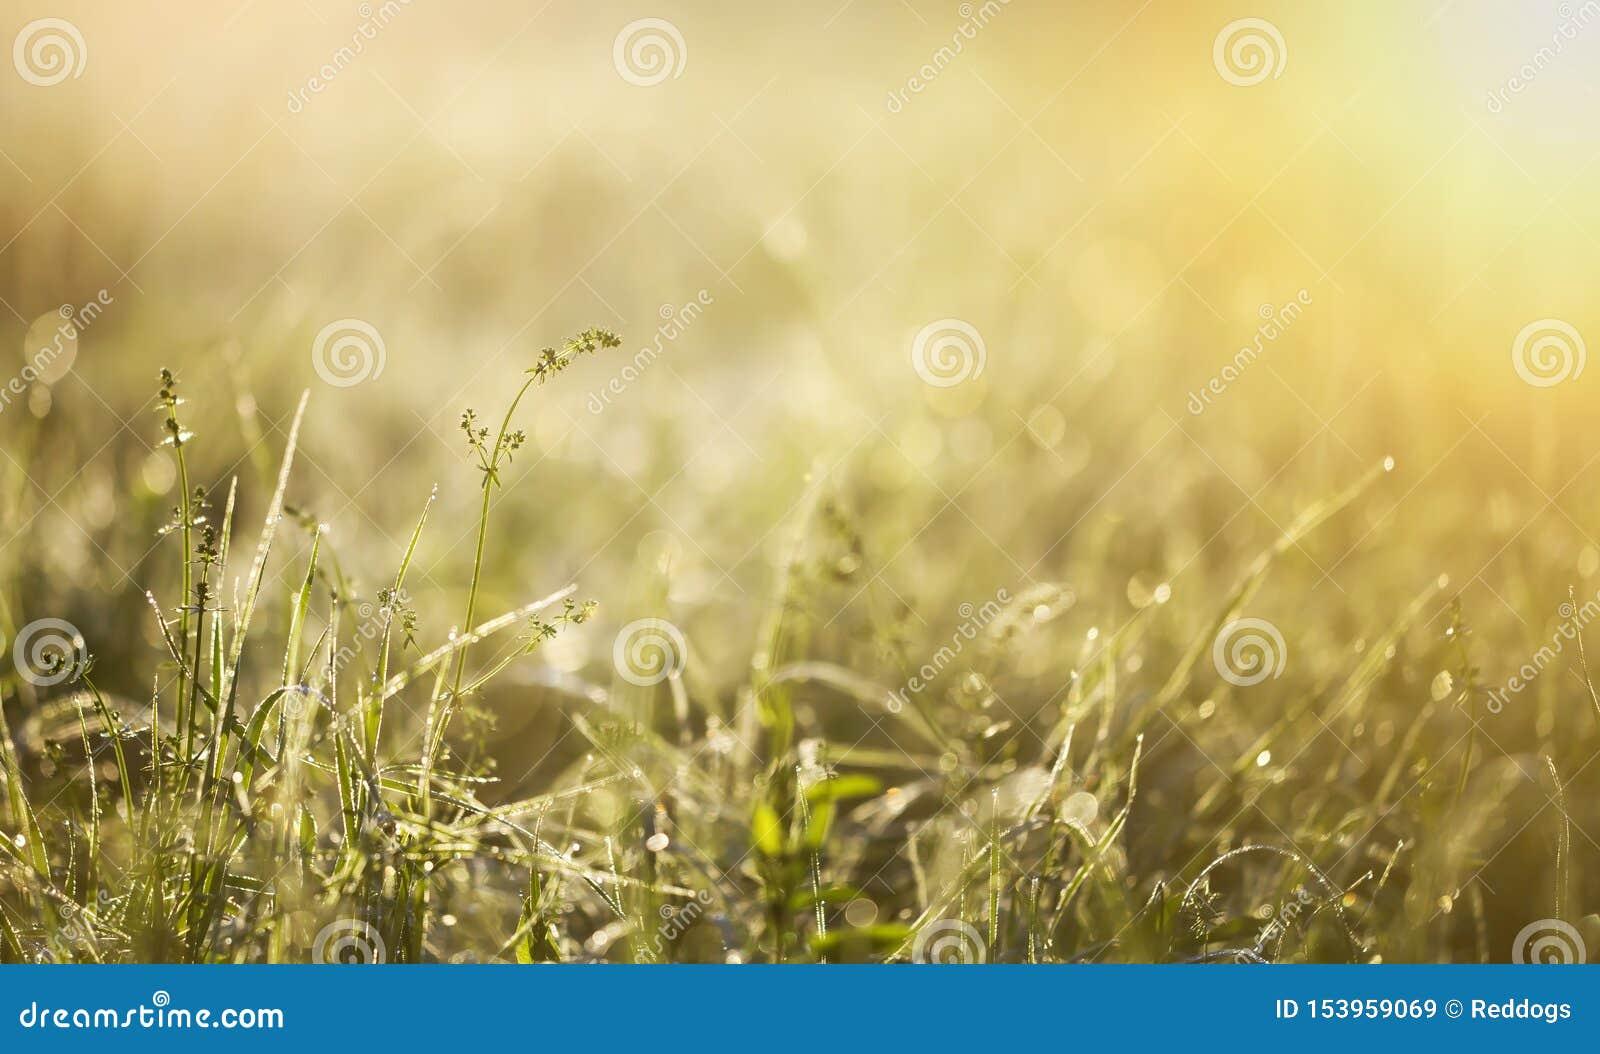 Hierba verde en un rocío del verano, fondo de la bandera de la naturaleza